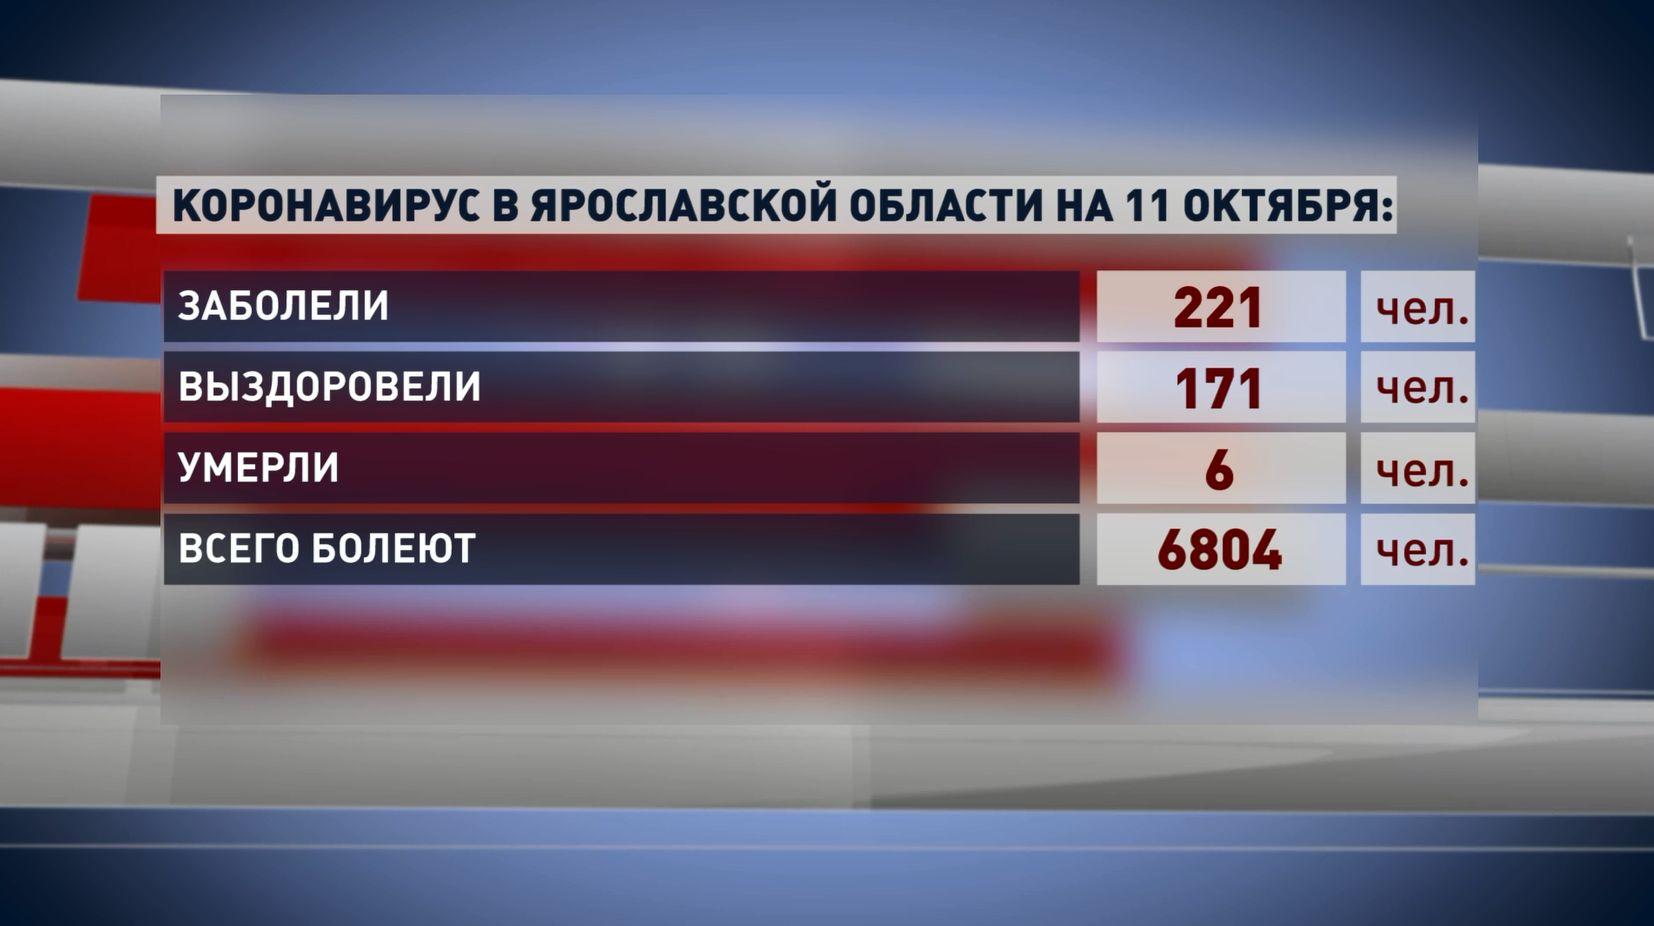 В Ярославской области за выходные зафиксировано 447 новых случаев заболевания коронавирусом